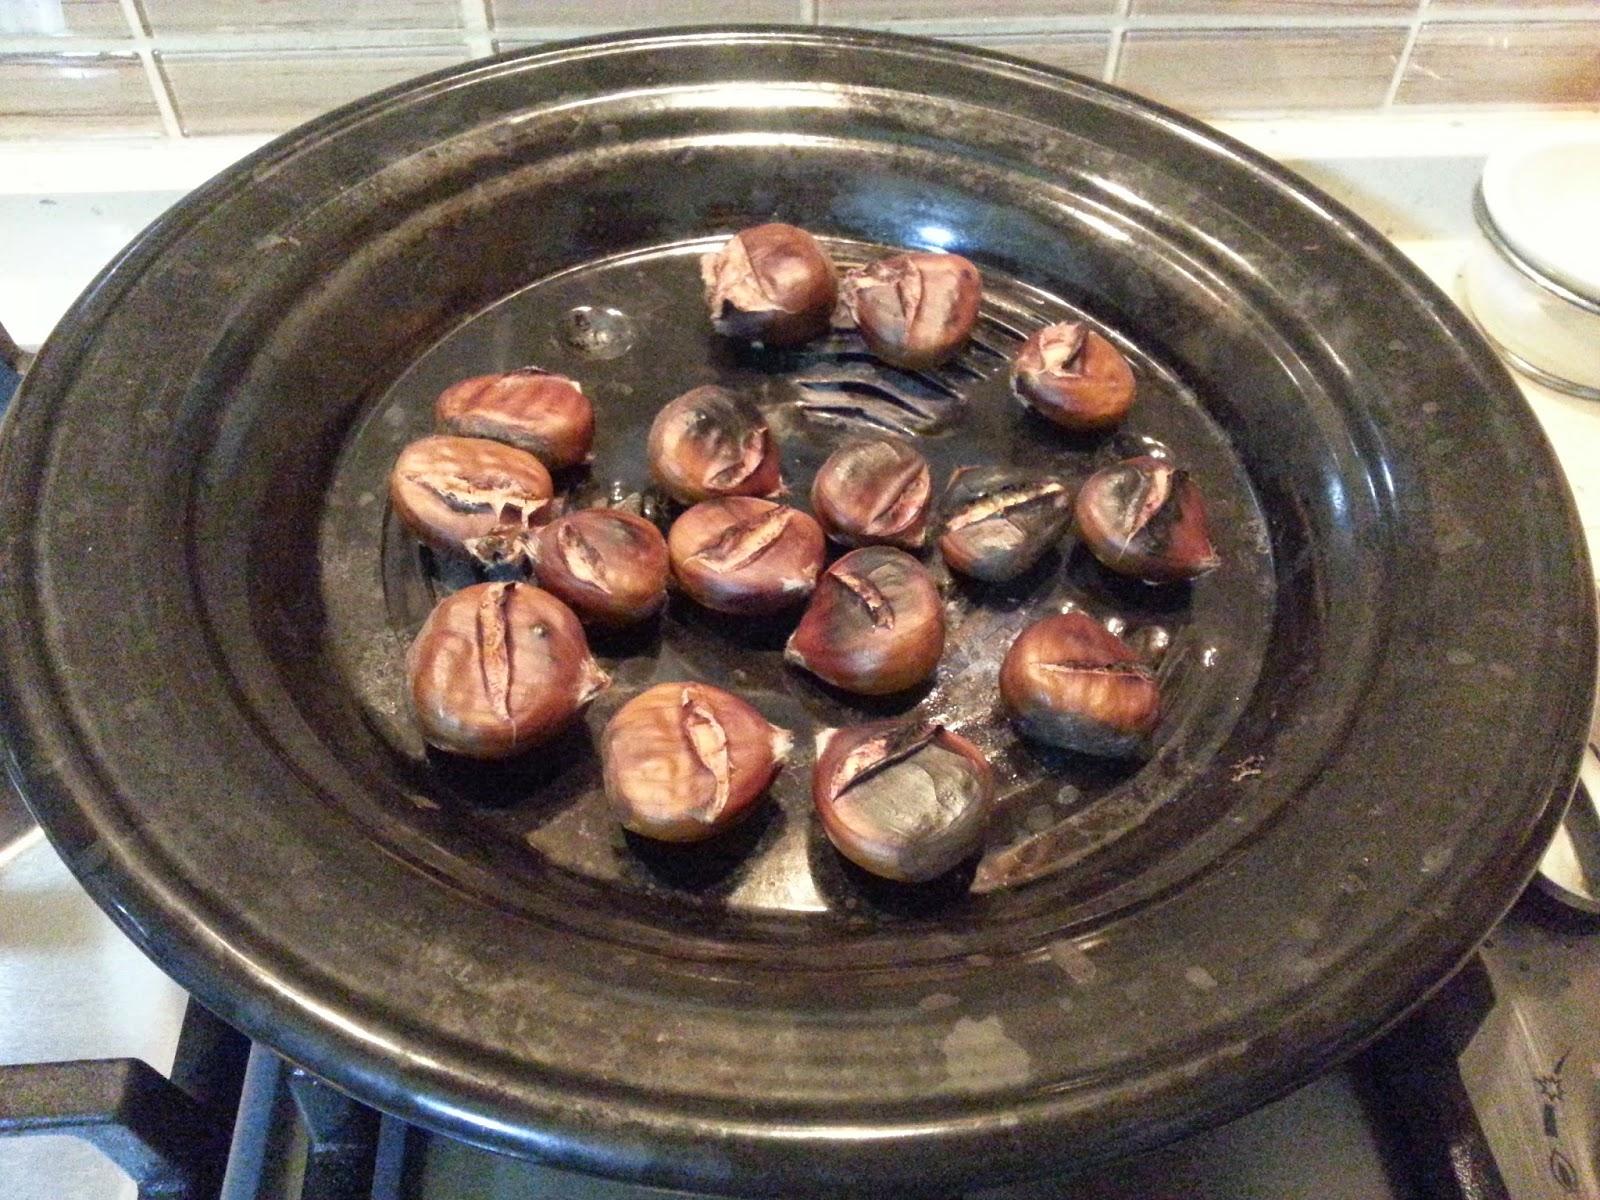 Evde Kestane Pişirilmesi